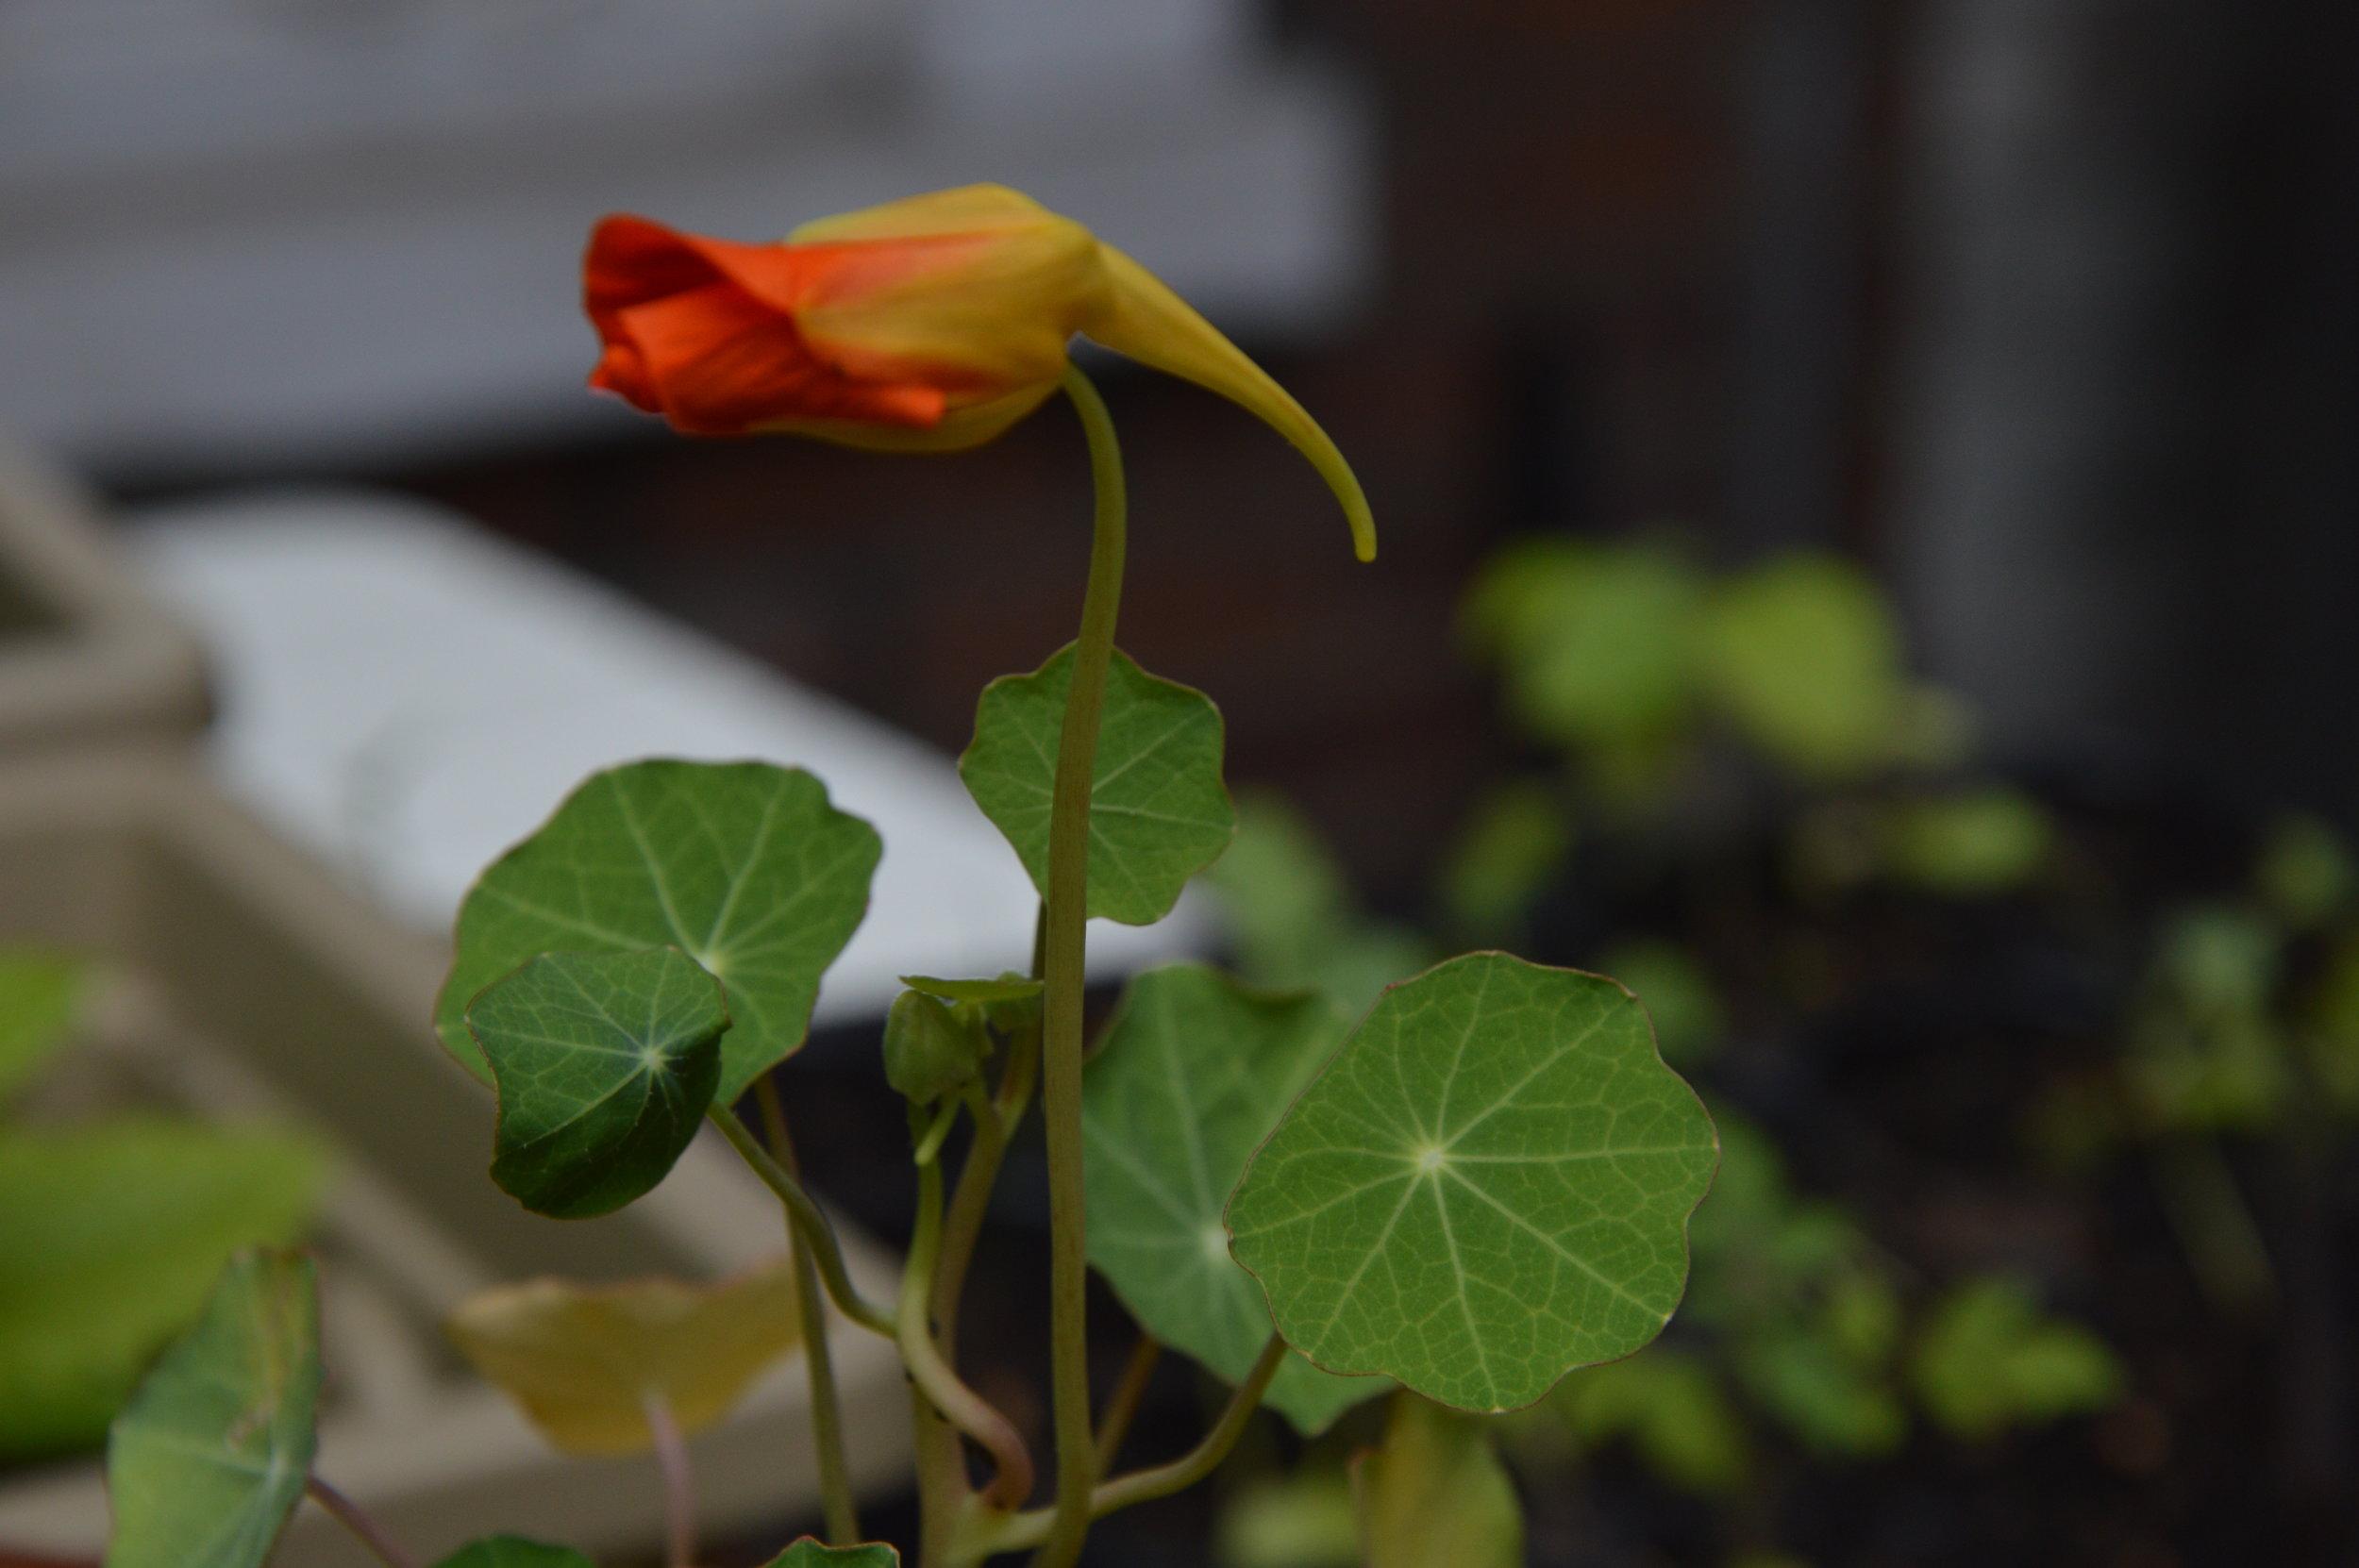 Fleur de capucine / Nasturtium flower